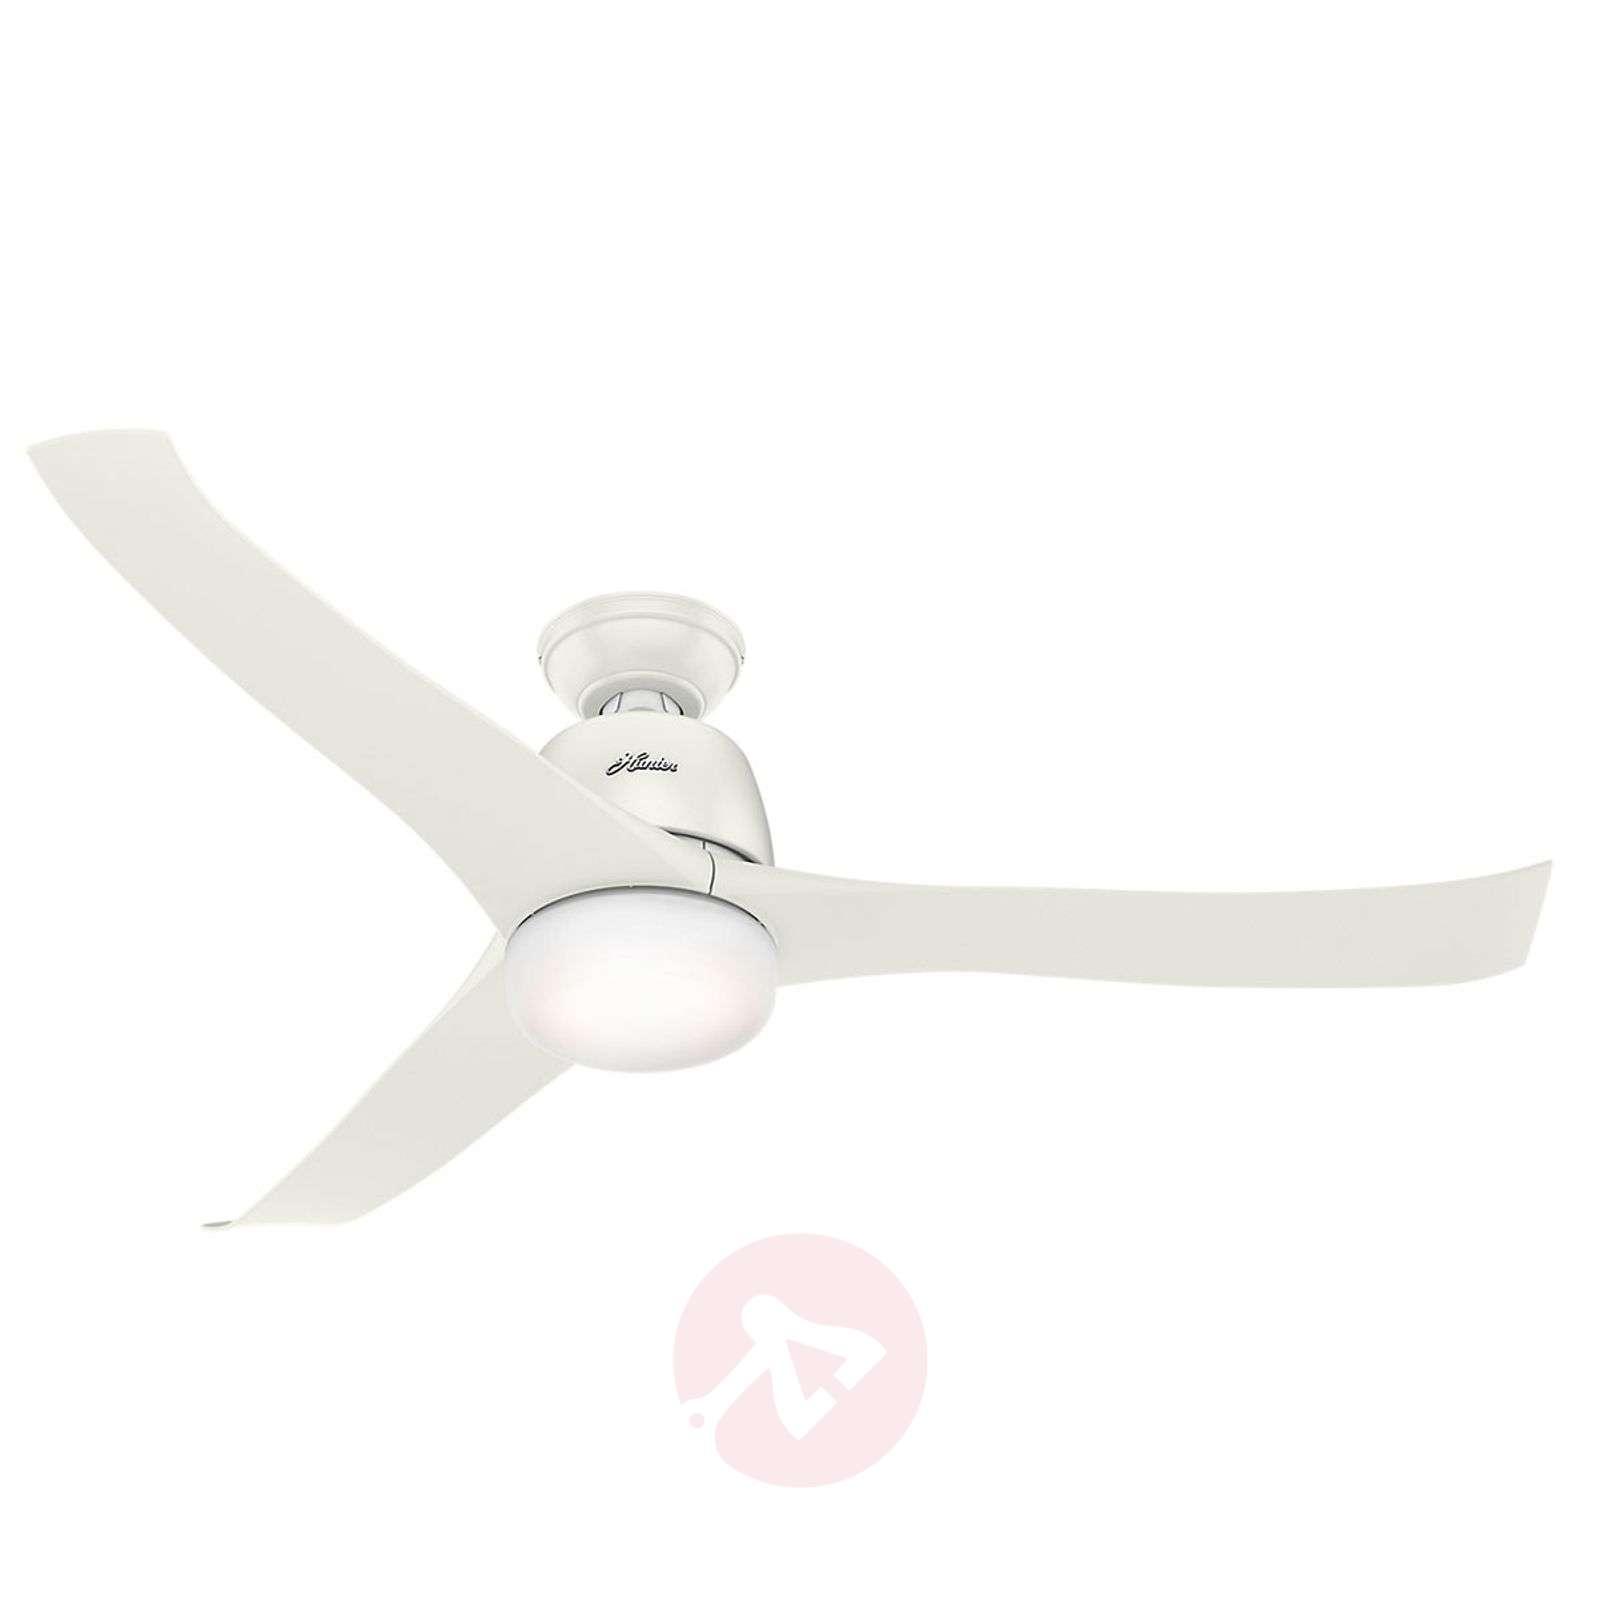 Hunter Harmony illuminated ceiling fan-4545020-01